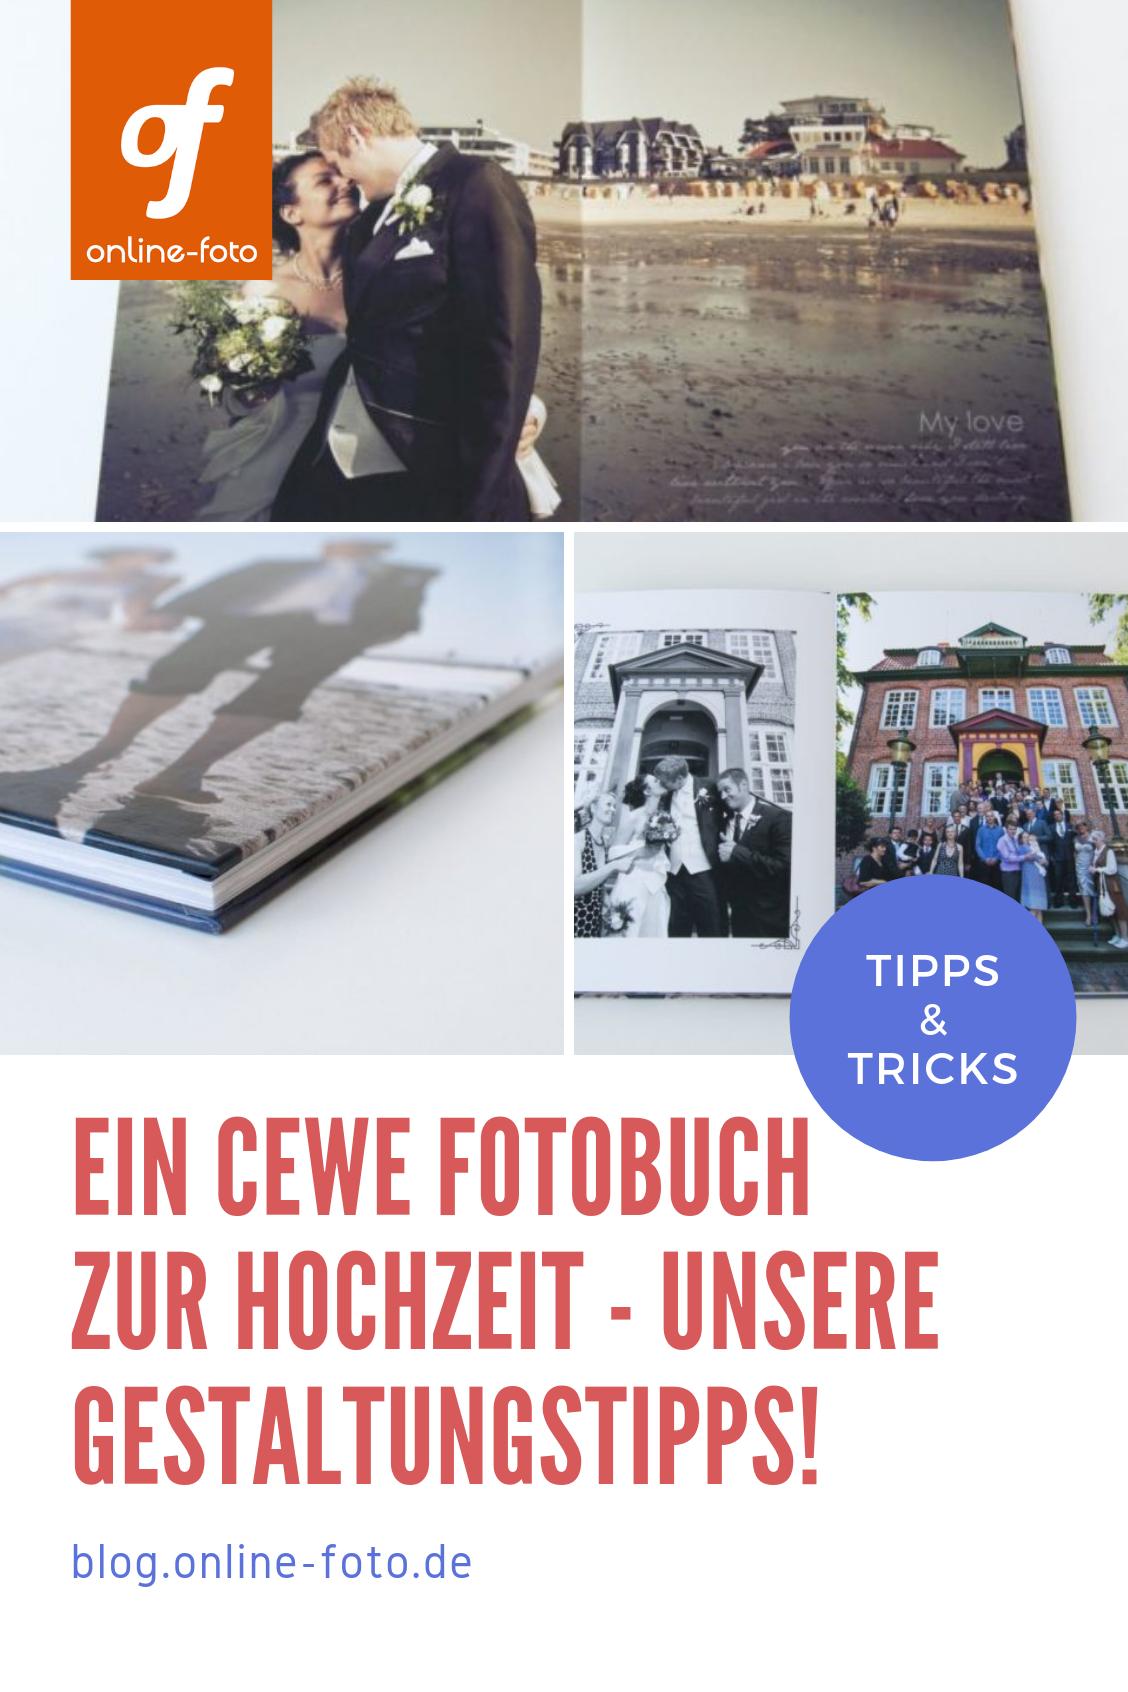 Hochzeitsfotobuch Tolle Erinnerungen An Den Schonsten Tag Im Leben Der Online Foto Blog Hochzeitsfotobuch Fotobuch Fotobuch Gestalten Tipps